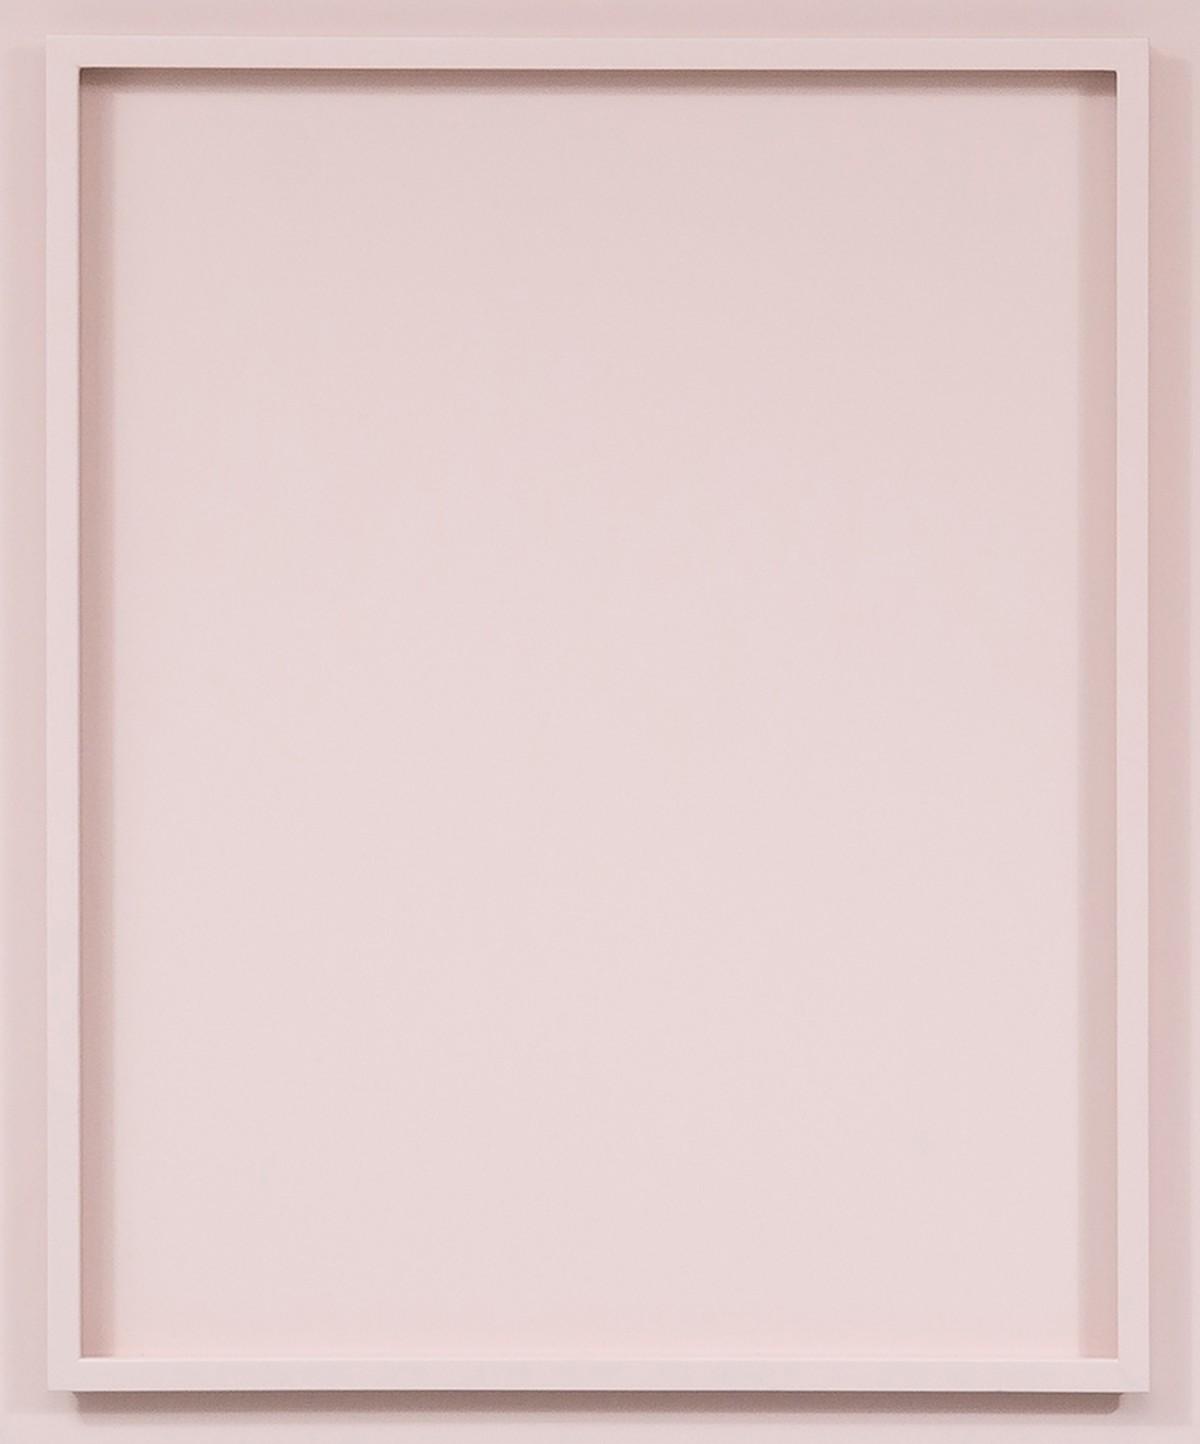 Różowy front z listewkami dookoła